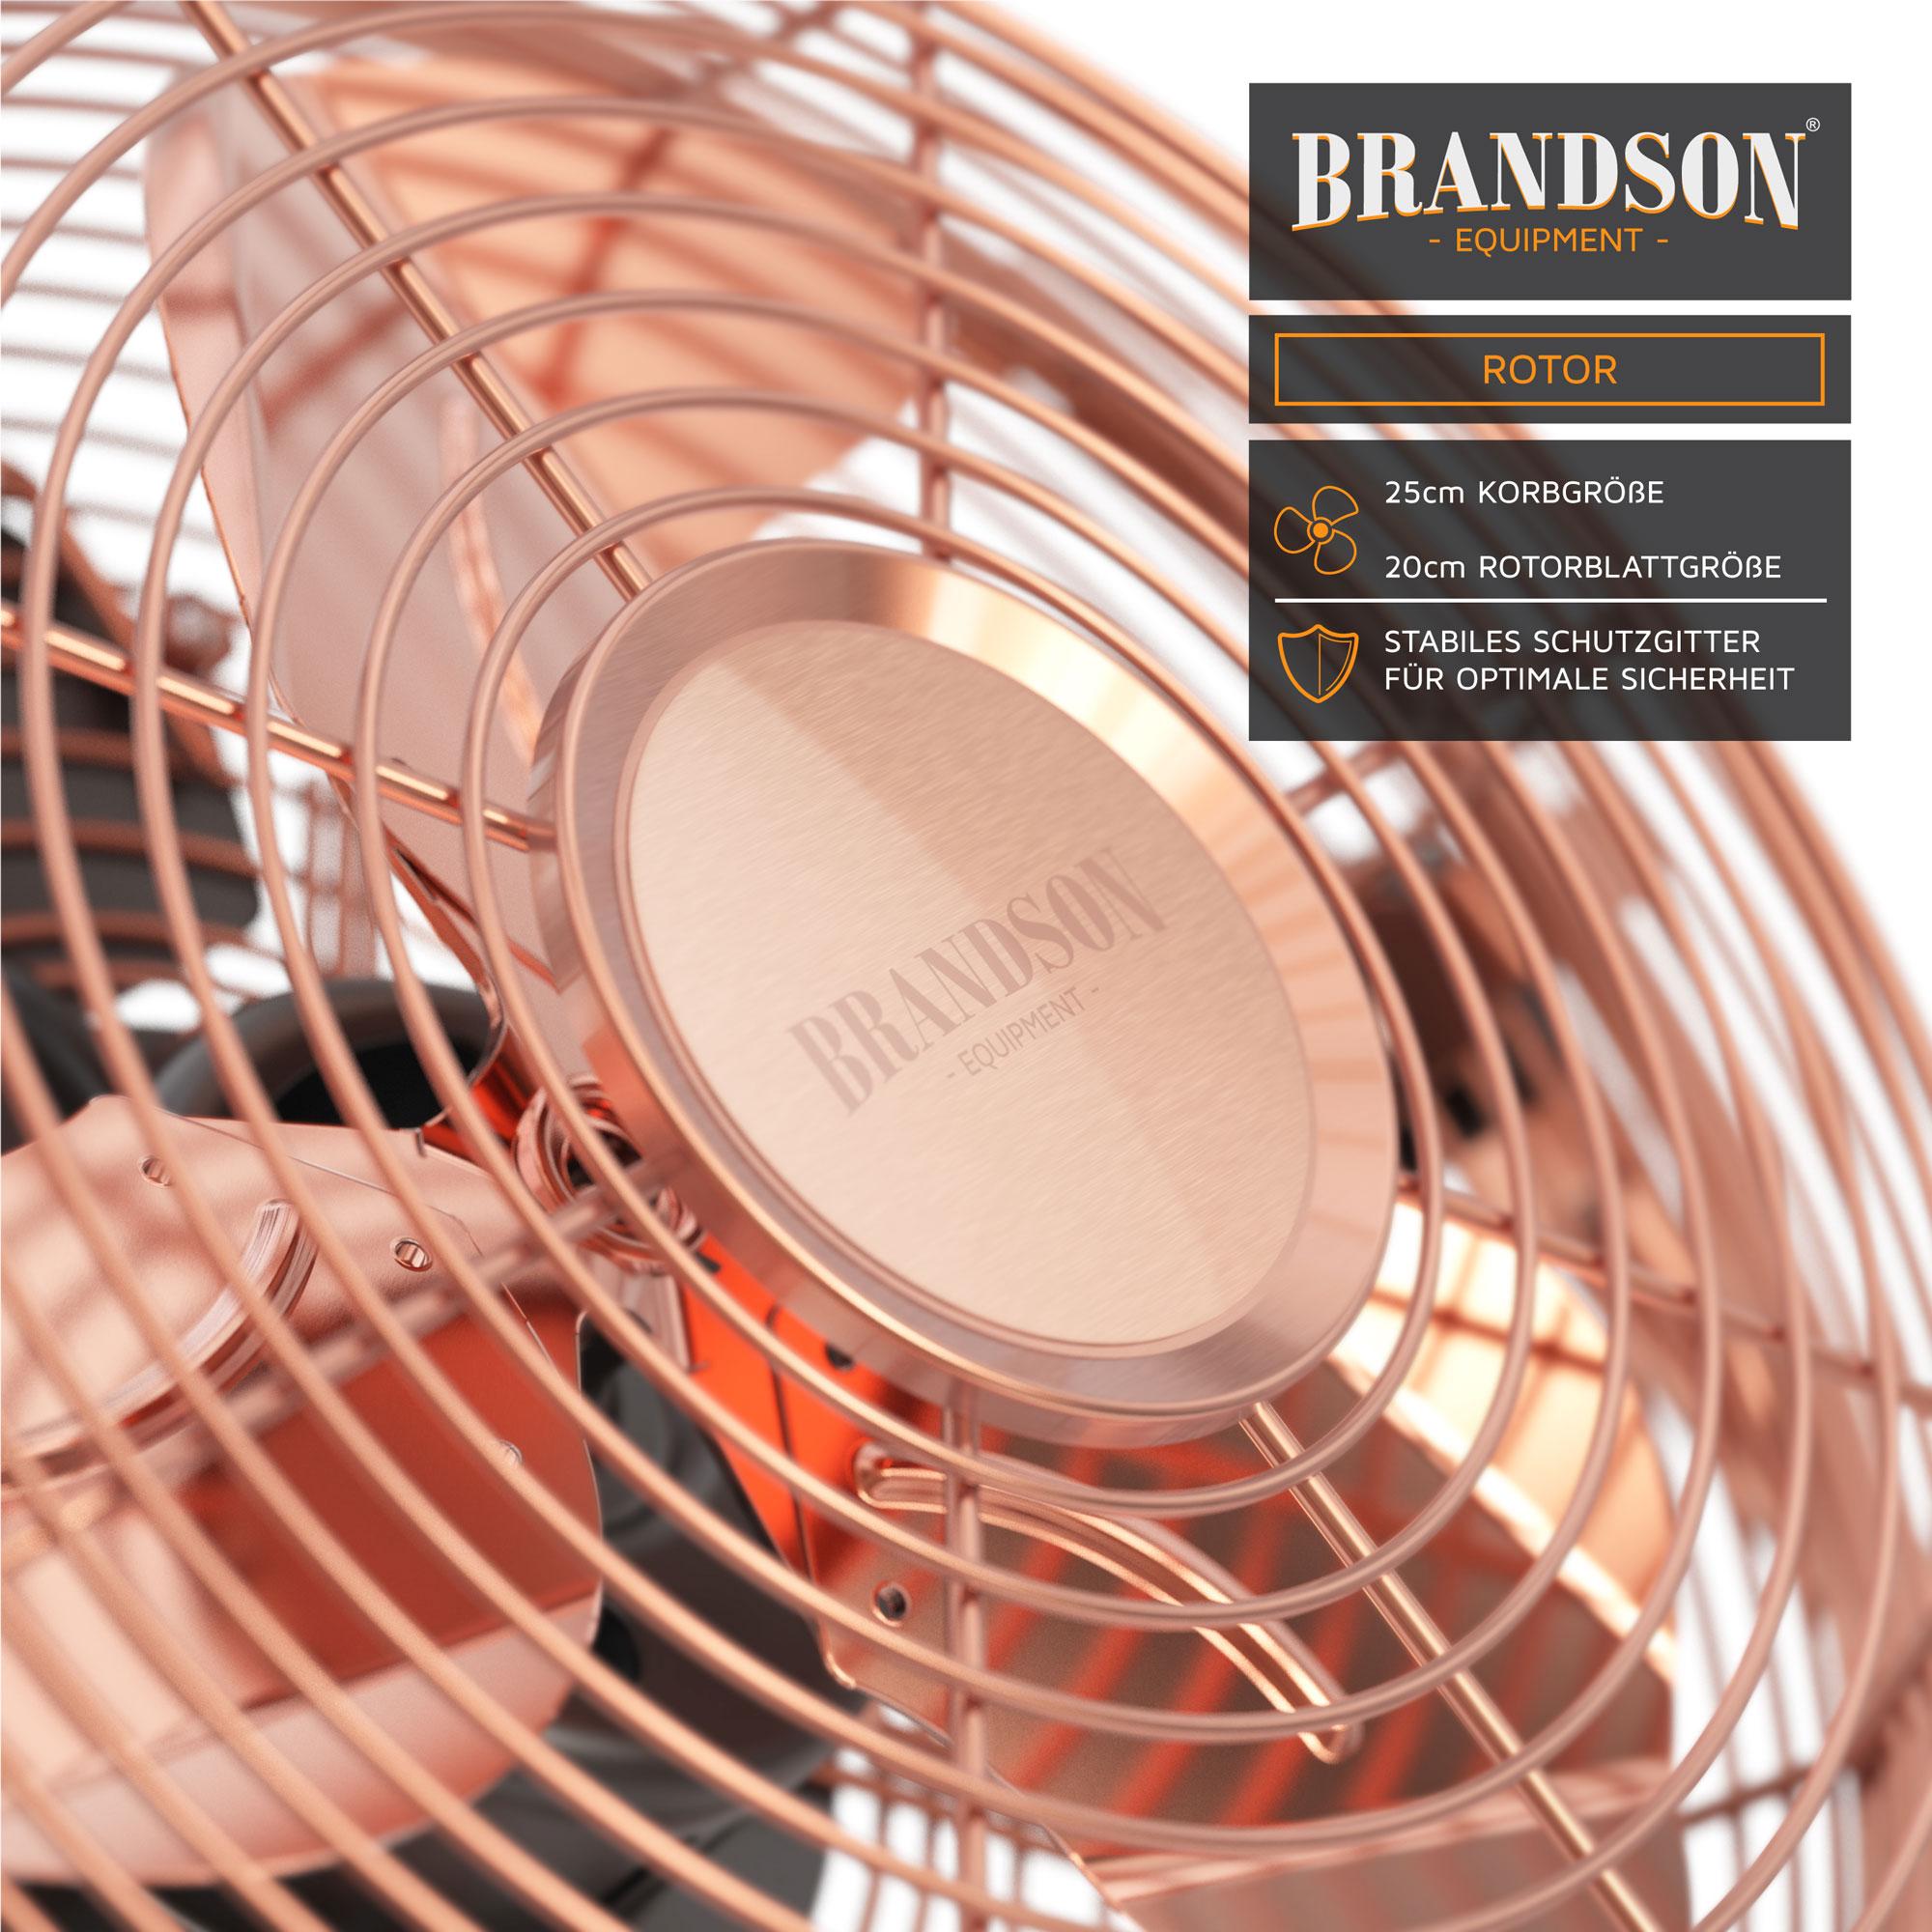 Ventilator_303397_grafik3.jpg